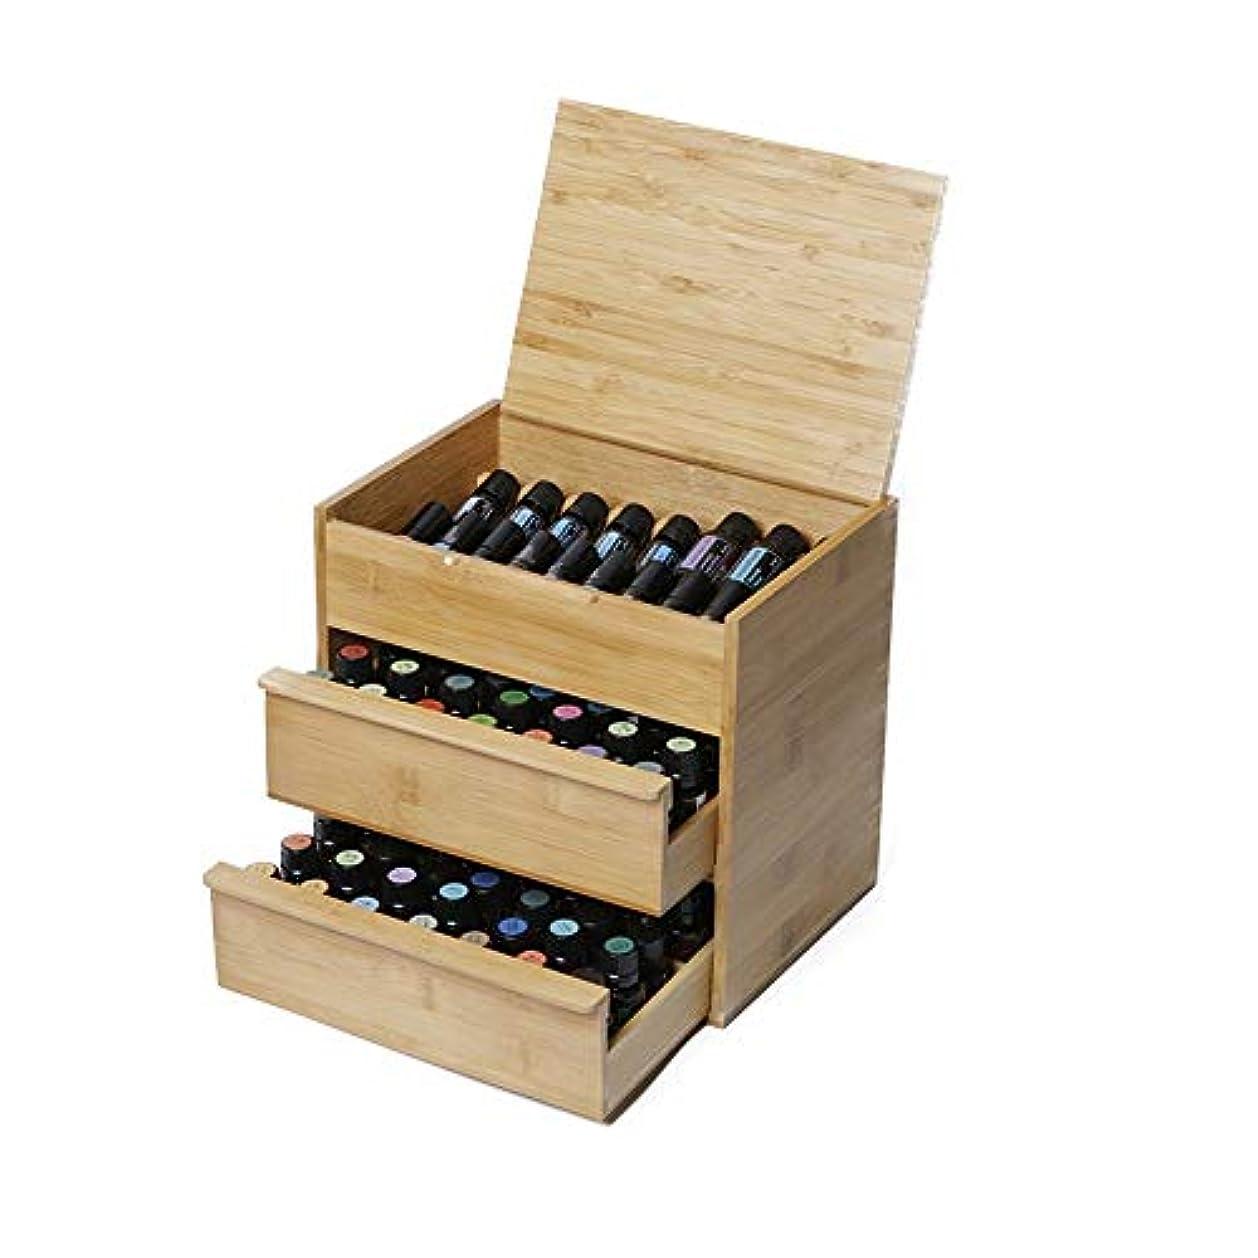 契約した手首コンプライアンスエッセンシャルオイルストレージボックス 88スロット木エッセンシャルオイルボックス3ティアボード内部リムーバブルは15/10/5 M1のボトル天然竹を開催します 旅行およびプレゼンテーション用 (色 : Natural,...